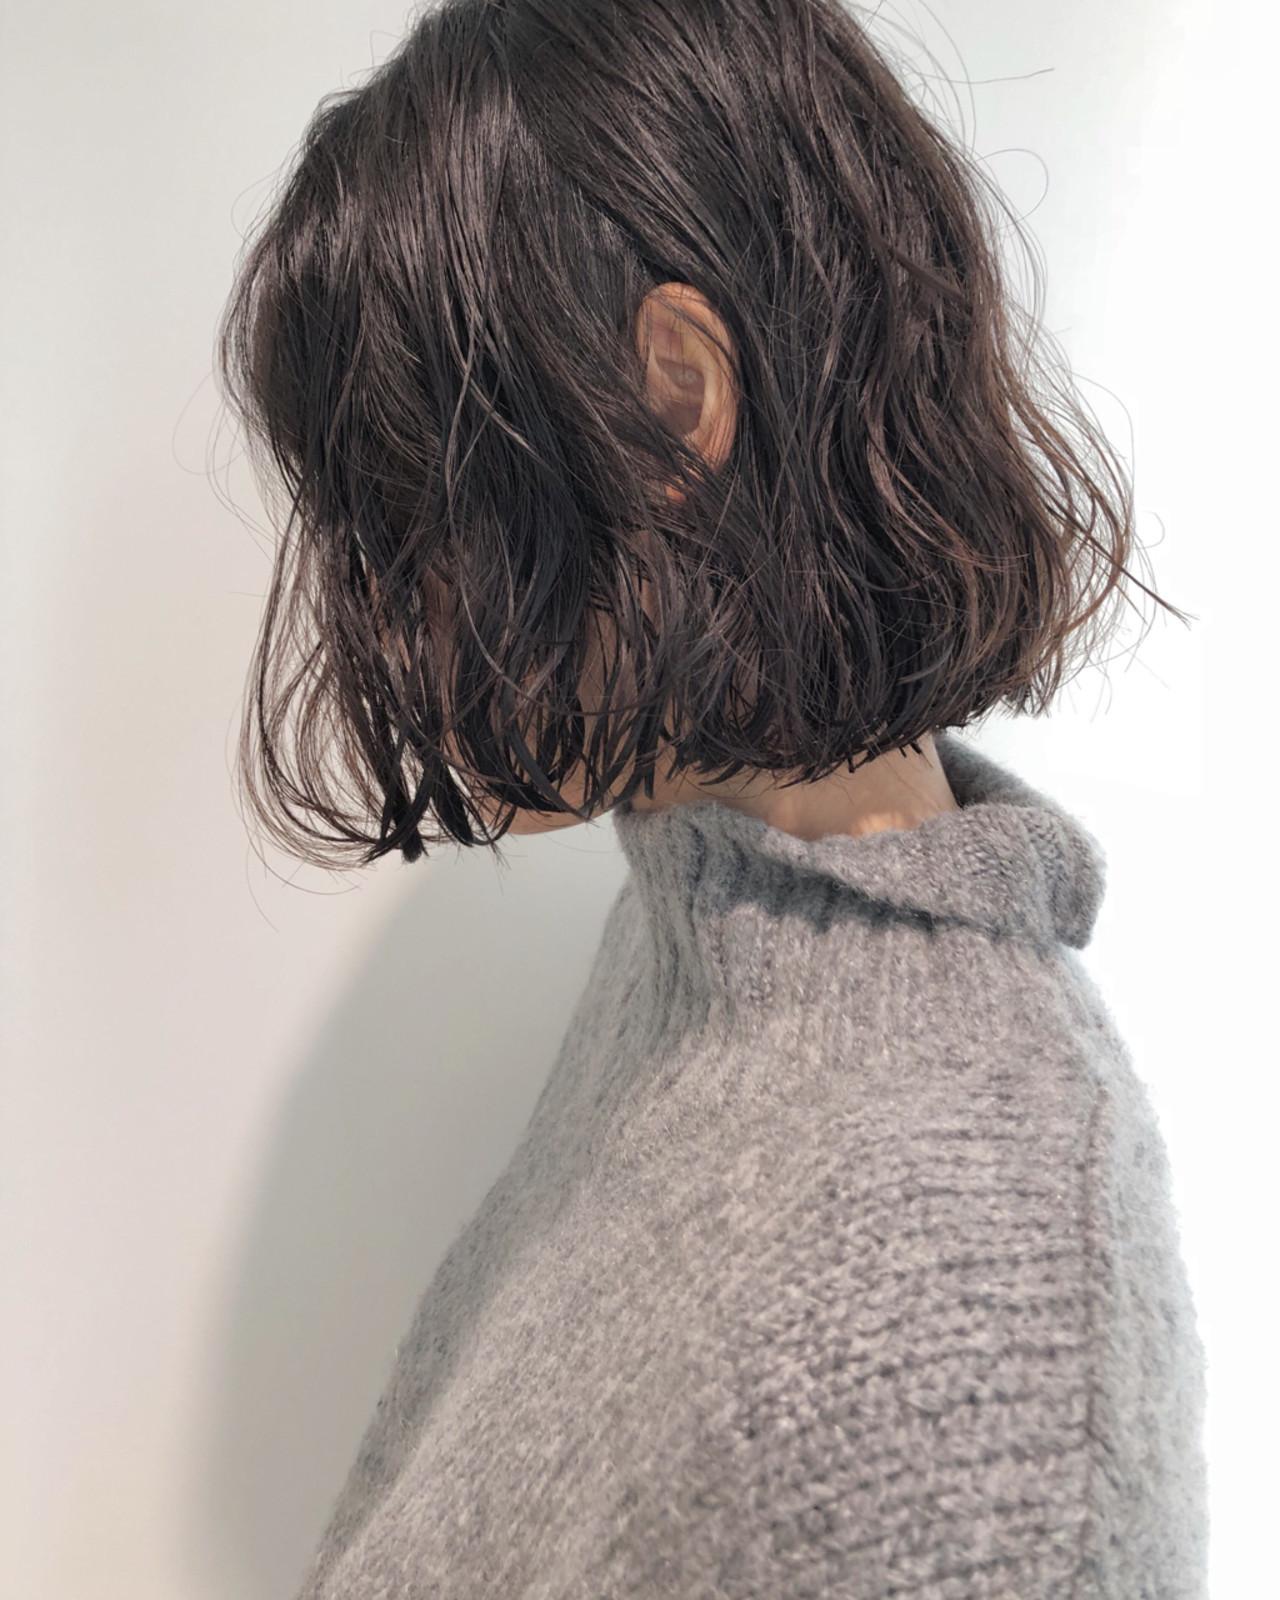 ミディアム ナチュラル 切りっぱなし ボブ ヘアスタイルや髪型の写真・画像